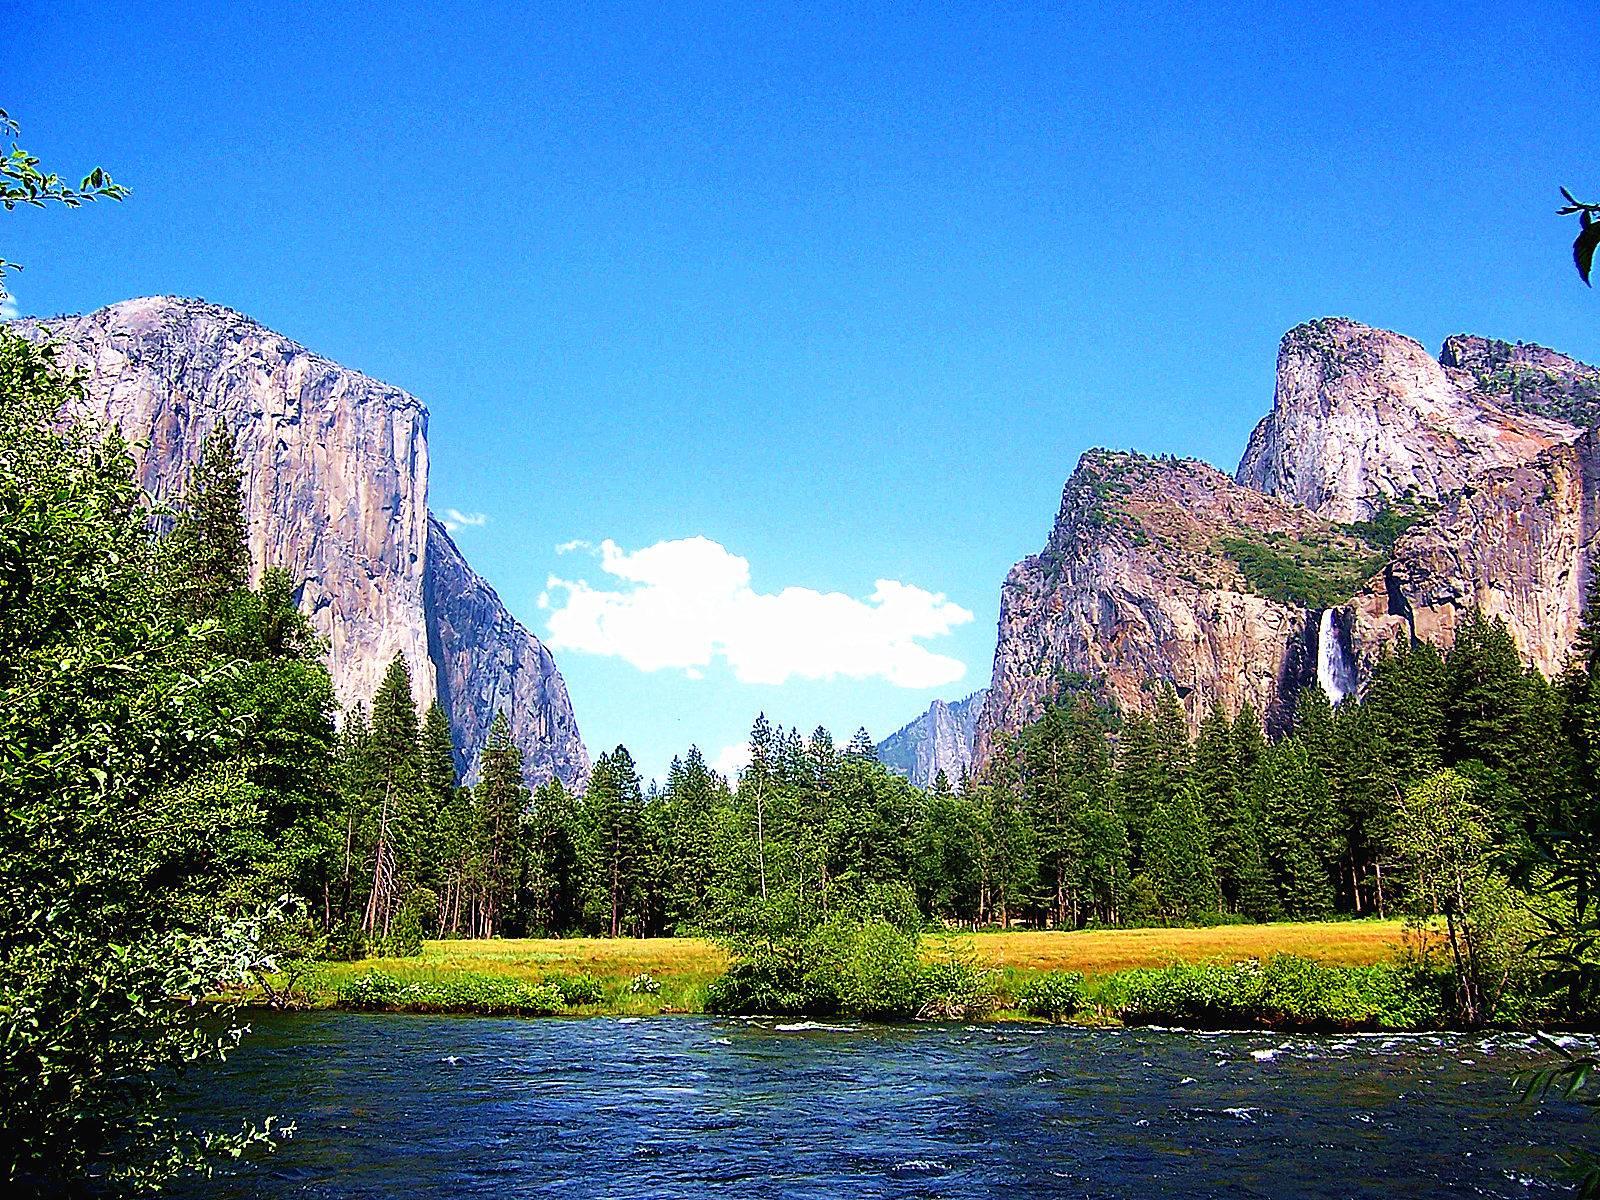 8 Day Mexico Los Angeles San Francisco Yosemite And Theme Parks Tour Tours4fun